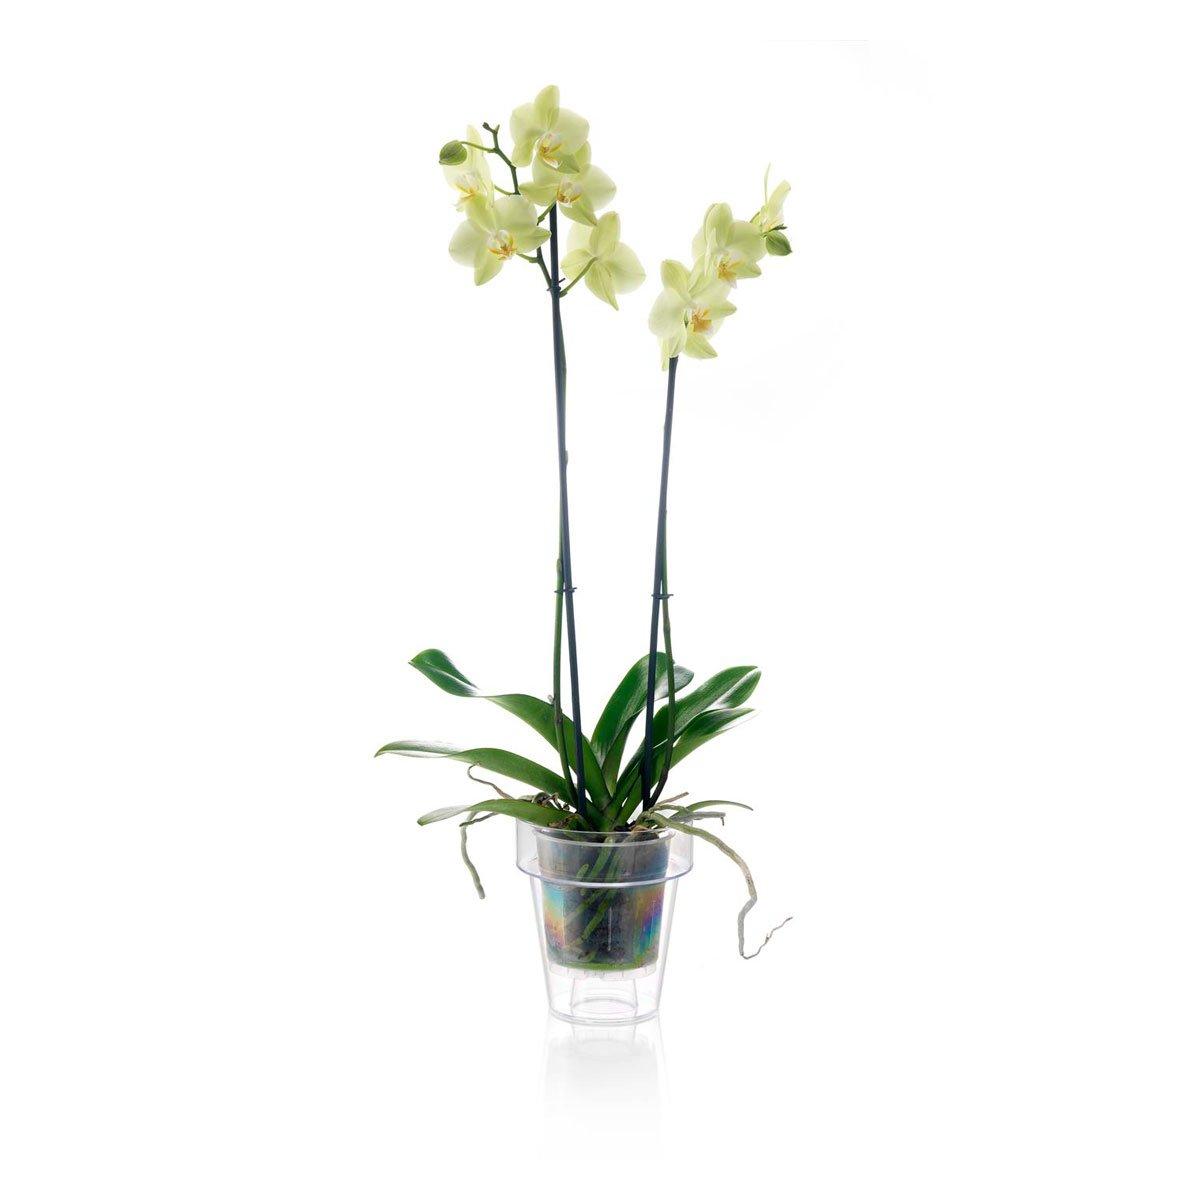 Sencillo vaso transparente para orquidea con soporte y bajo vaso.